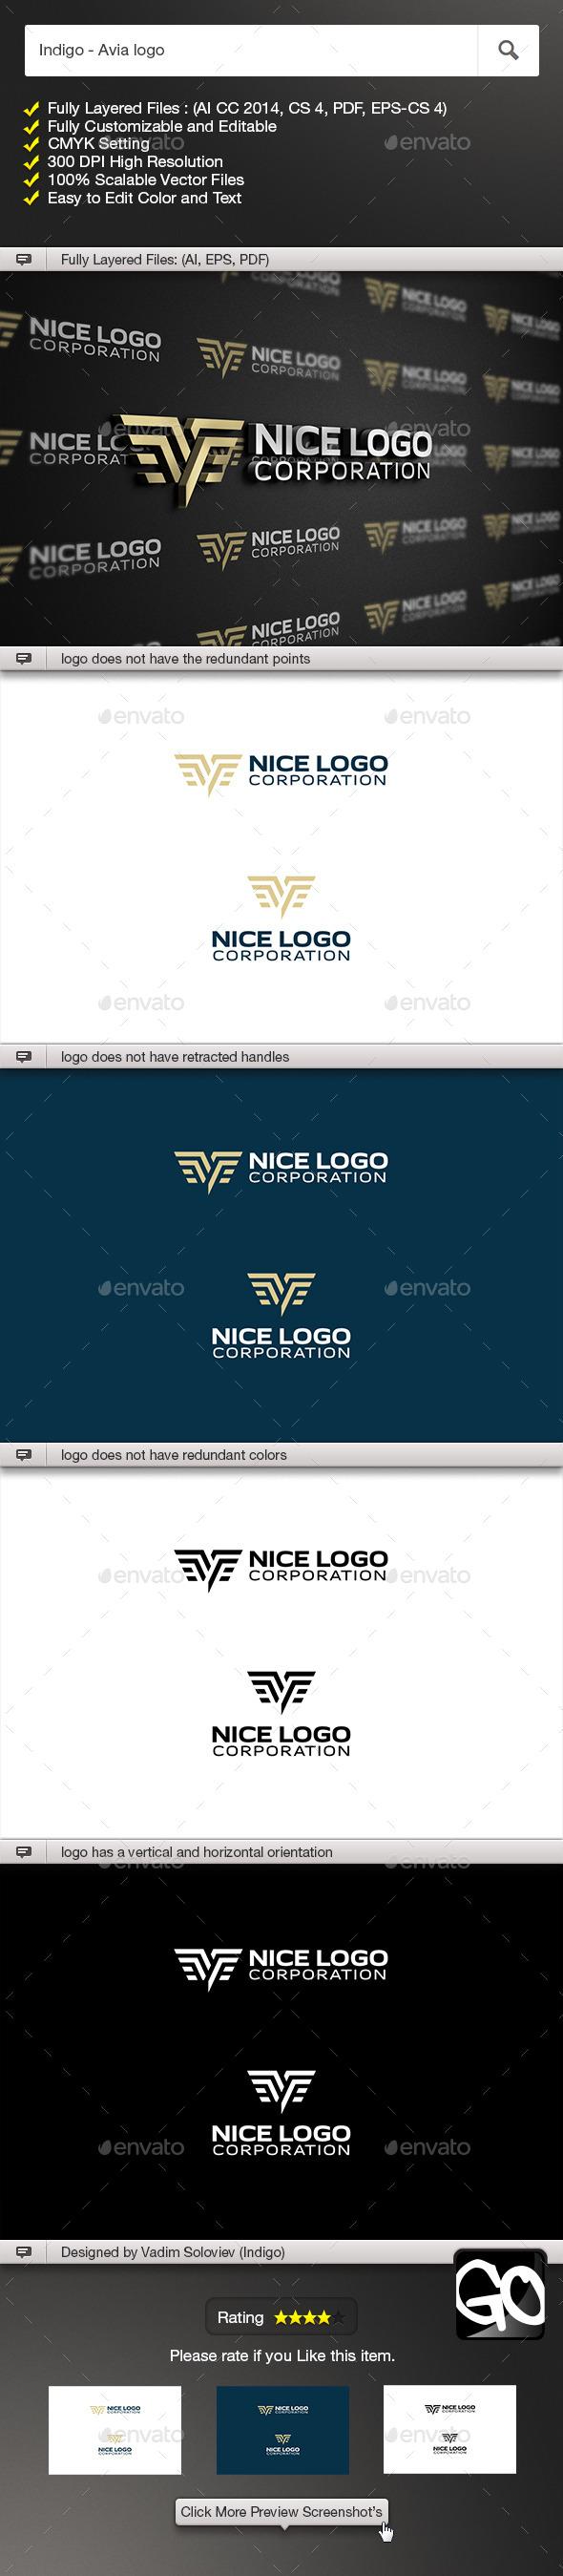 GraphicRiver Indigo Avia logo 11558851